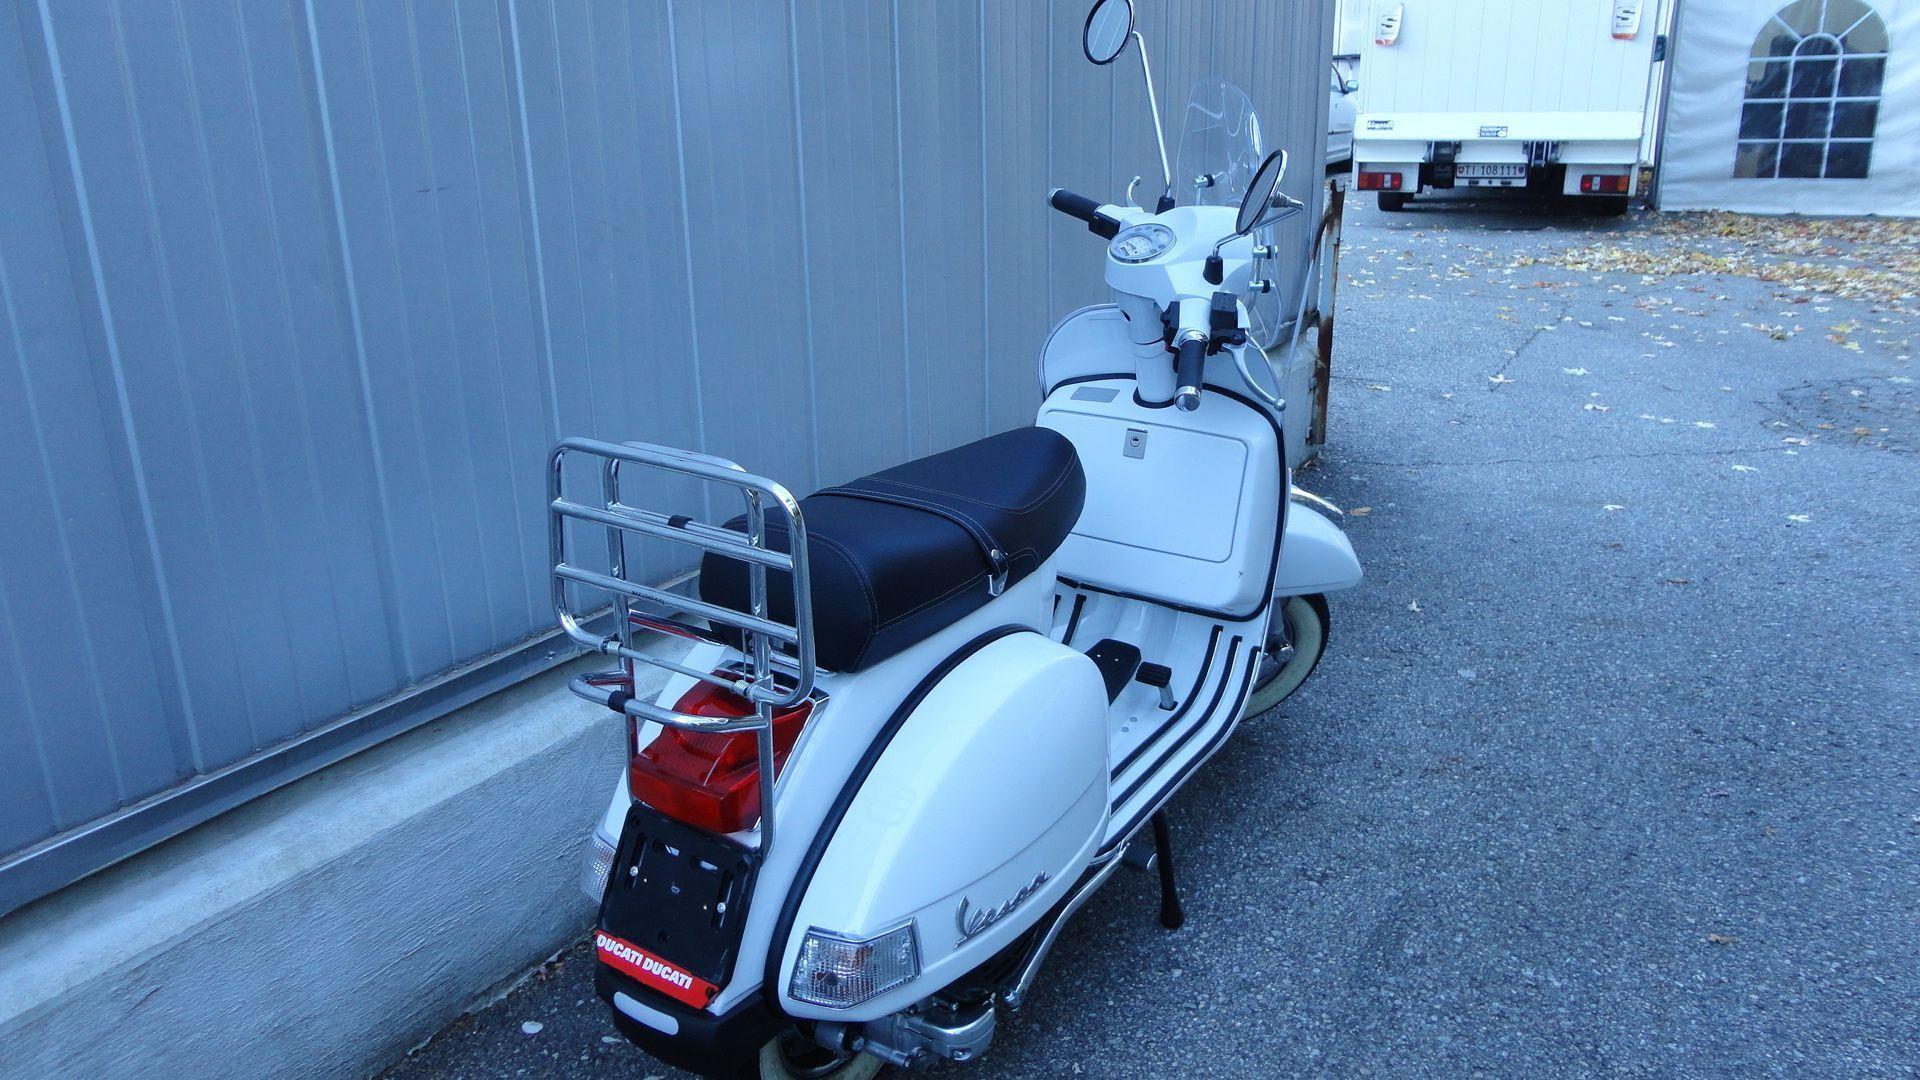 motorrad occasion kaufen piaggio vespa px 125 e 27 moto art sagl grancia. Black Bedroom Furniture Sets. Home Design Ideas